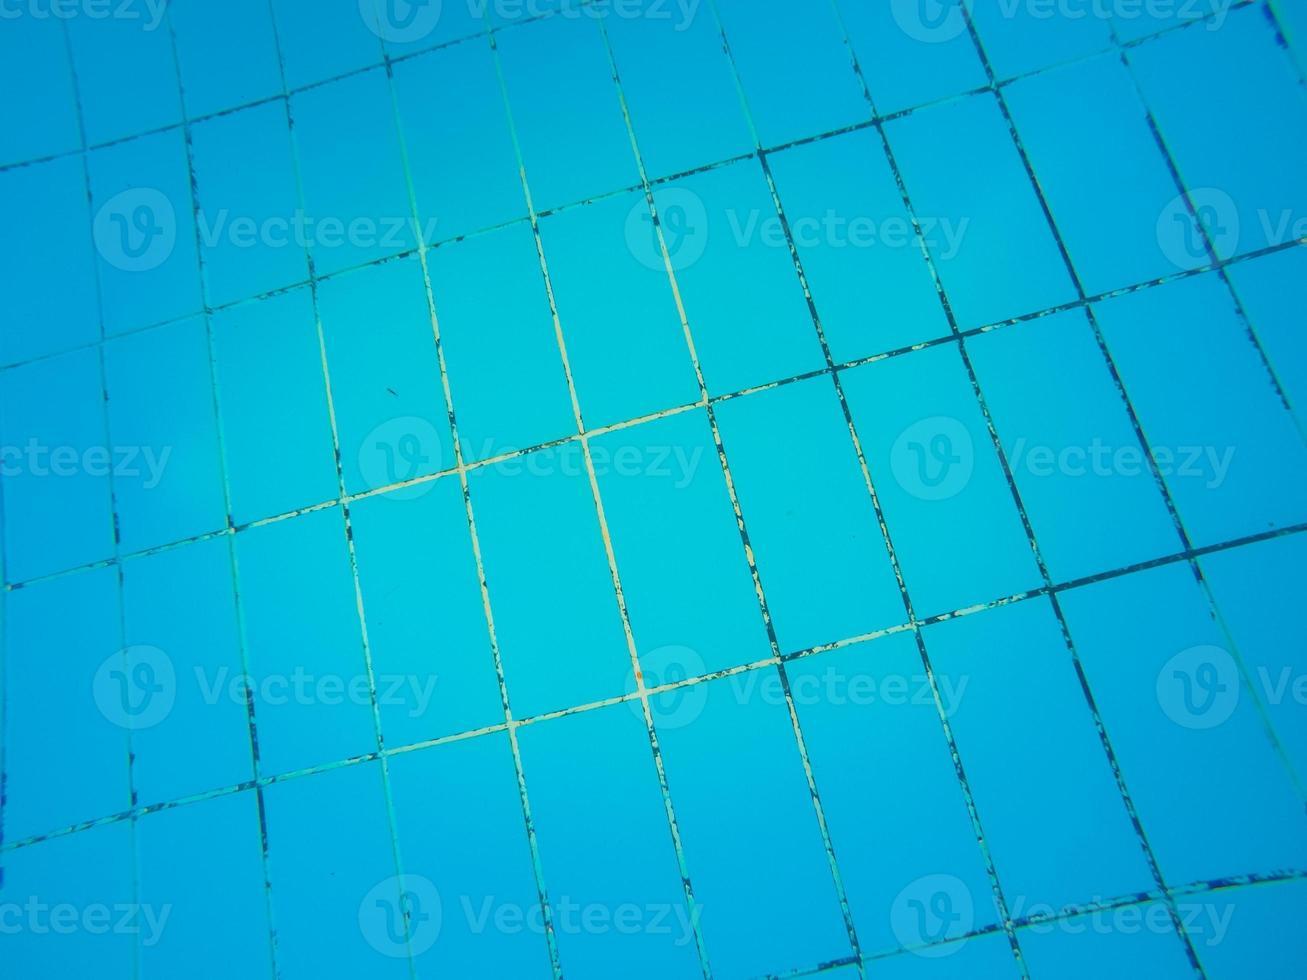 trama di piastrelle blu sul fondo della piscina foto